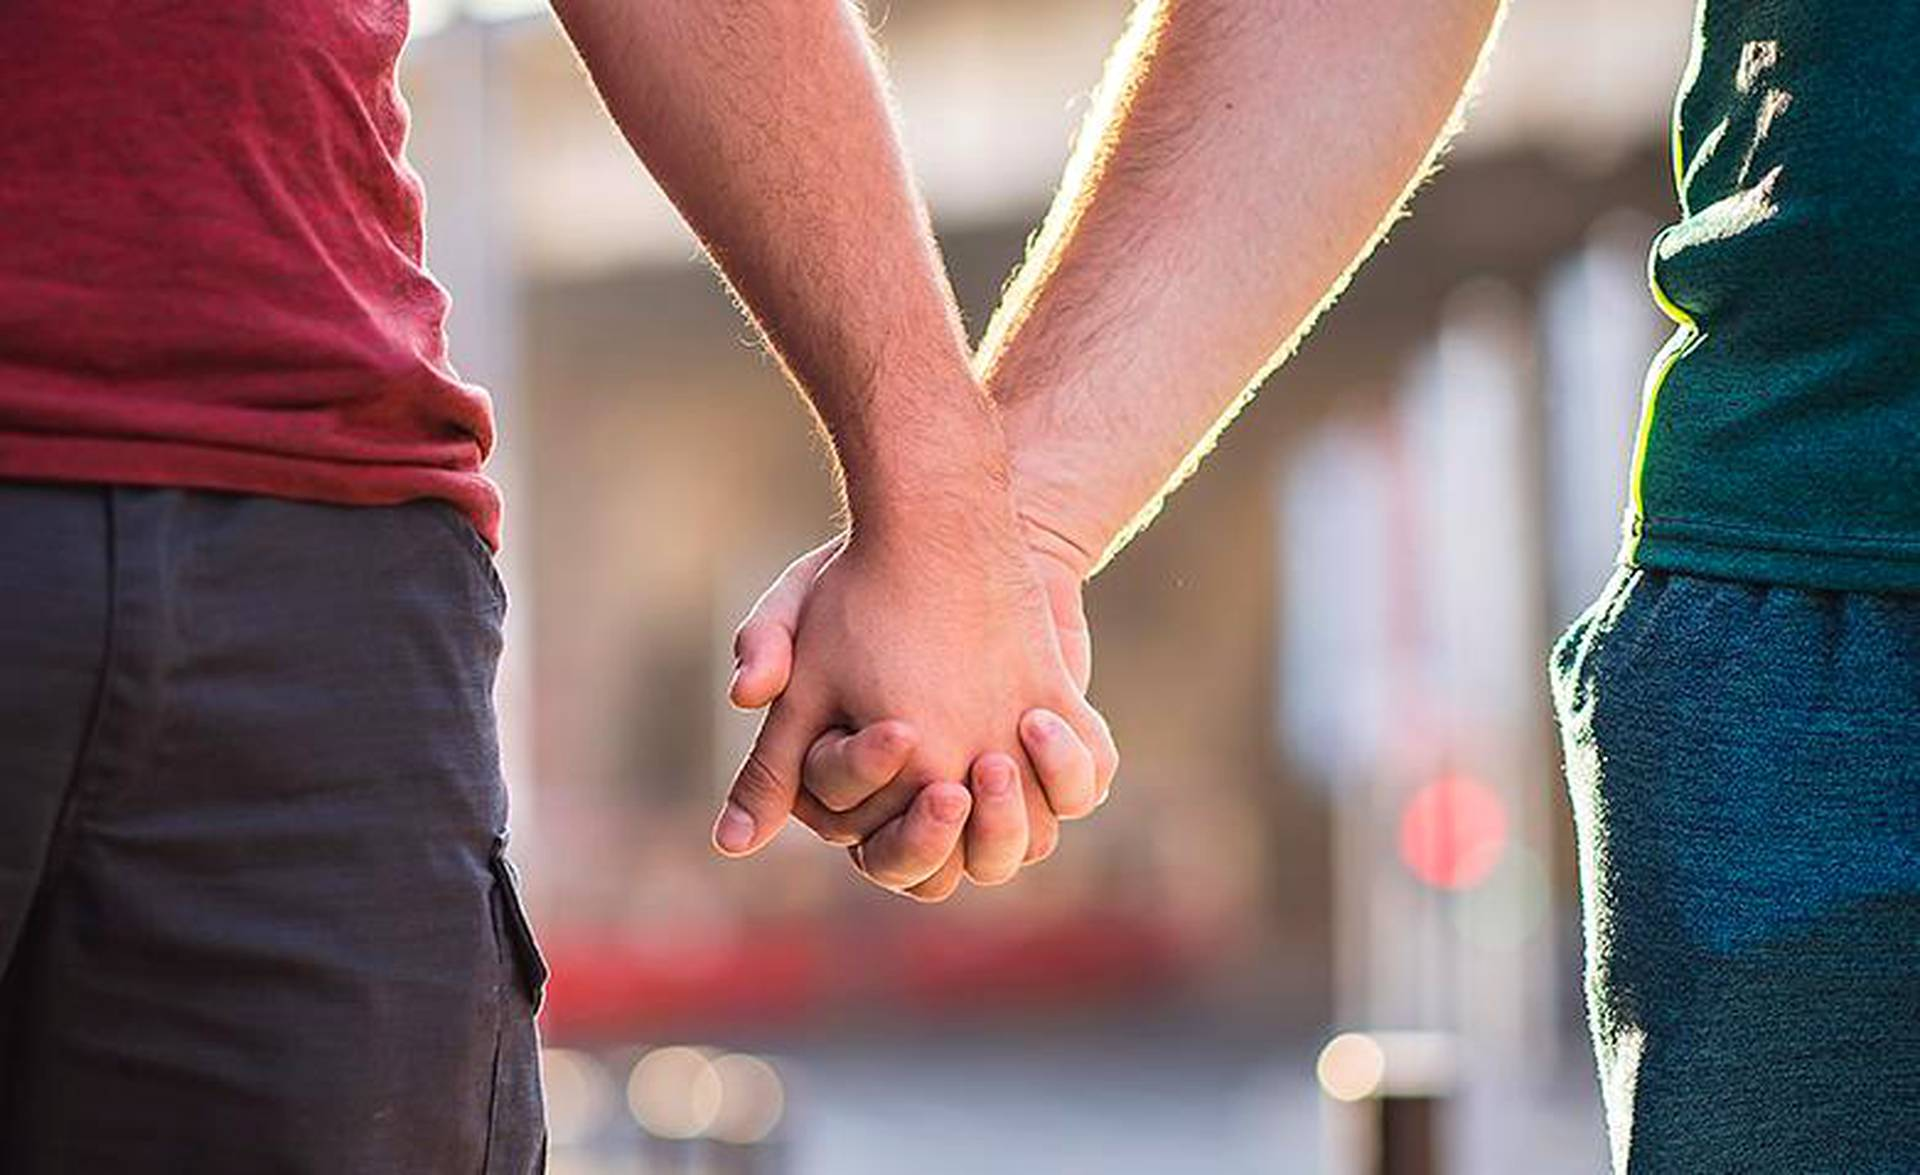 Tapoja tietää dating laadukkaita mies